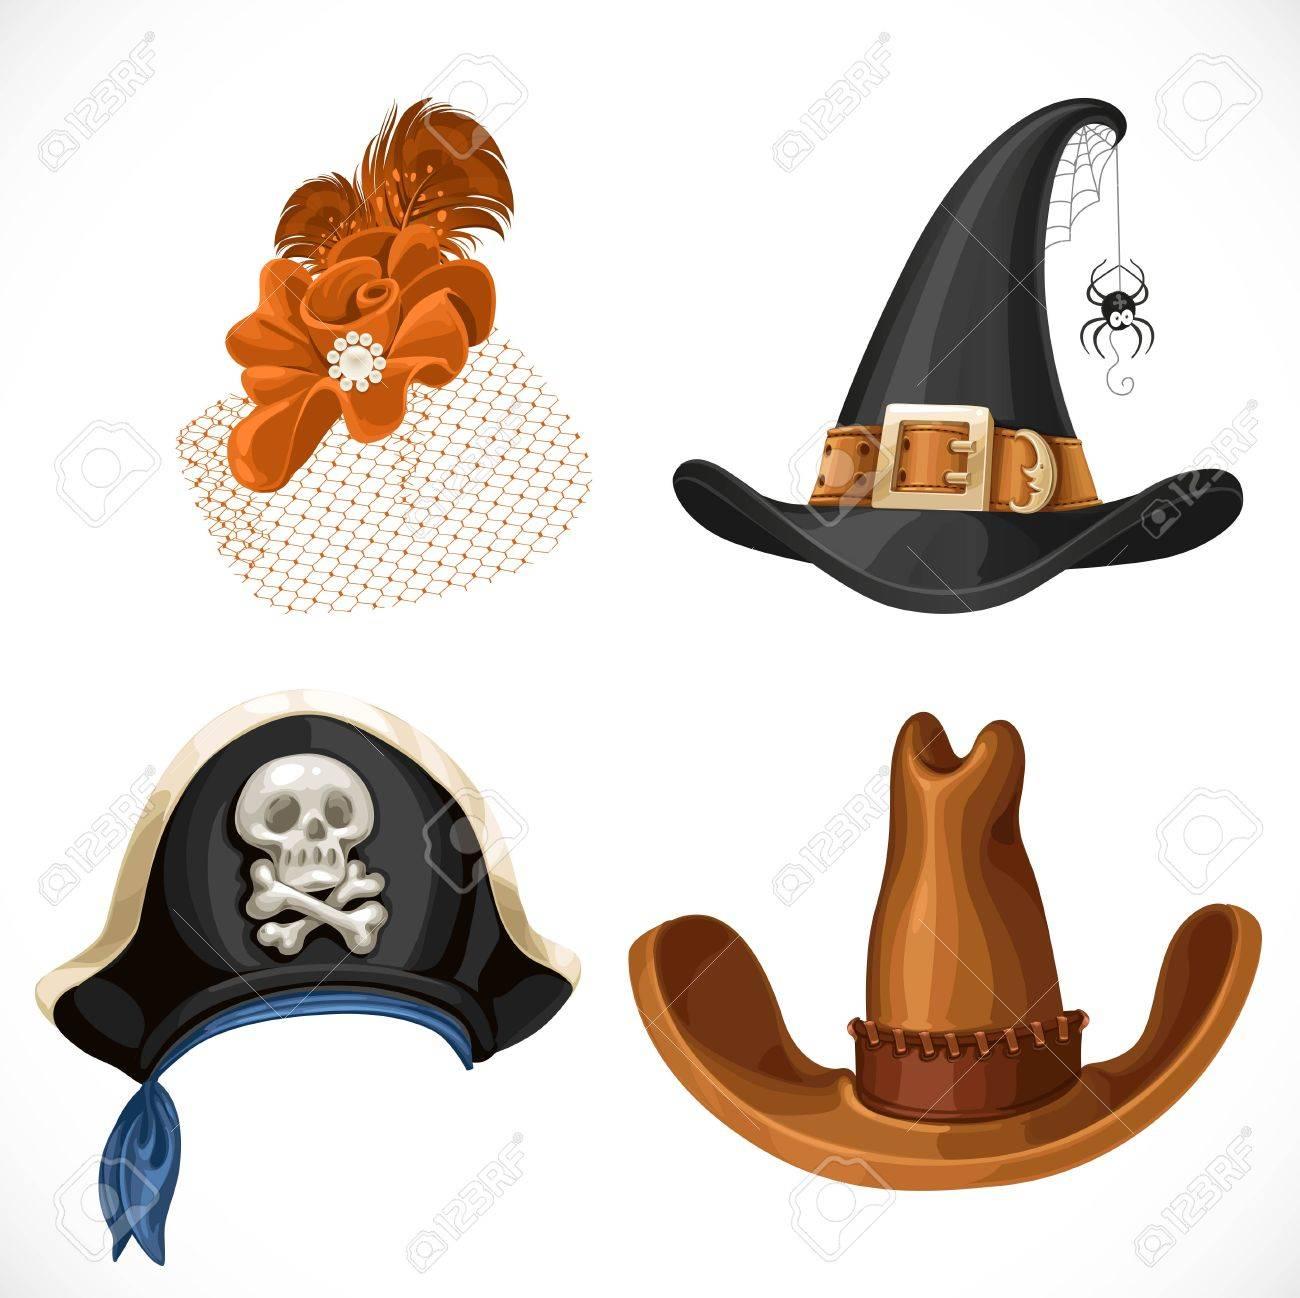 Archivio Fotografico - Set di cappelli per i costumi di carnevale - cappello  retrò femminile b8ac9c3540b6